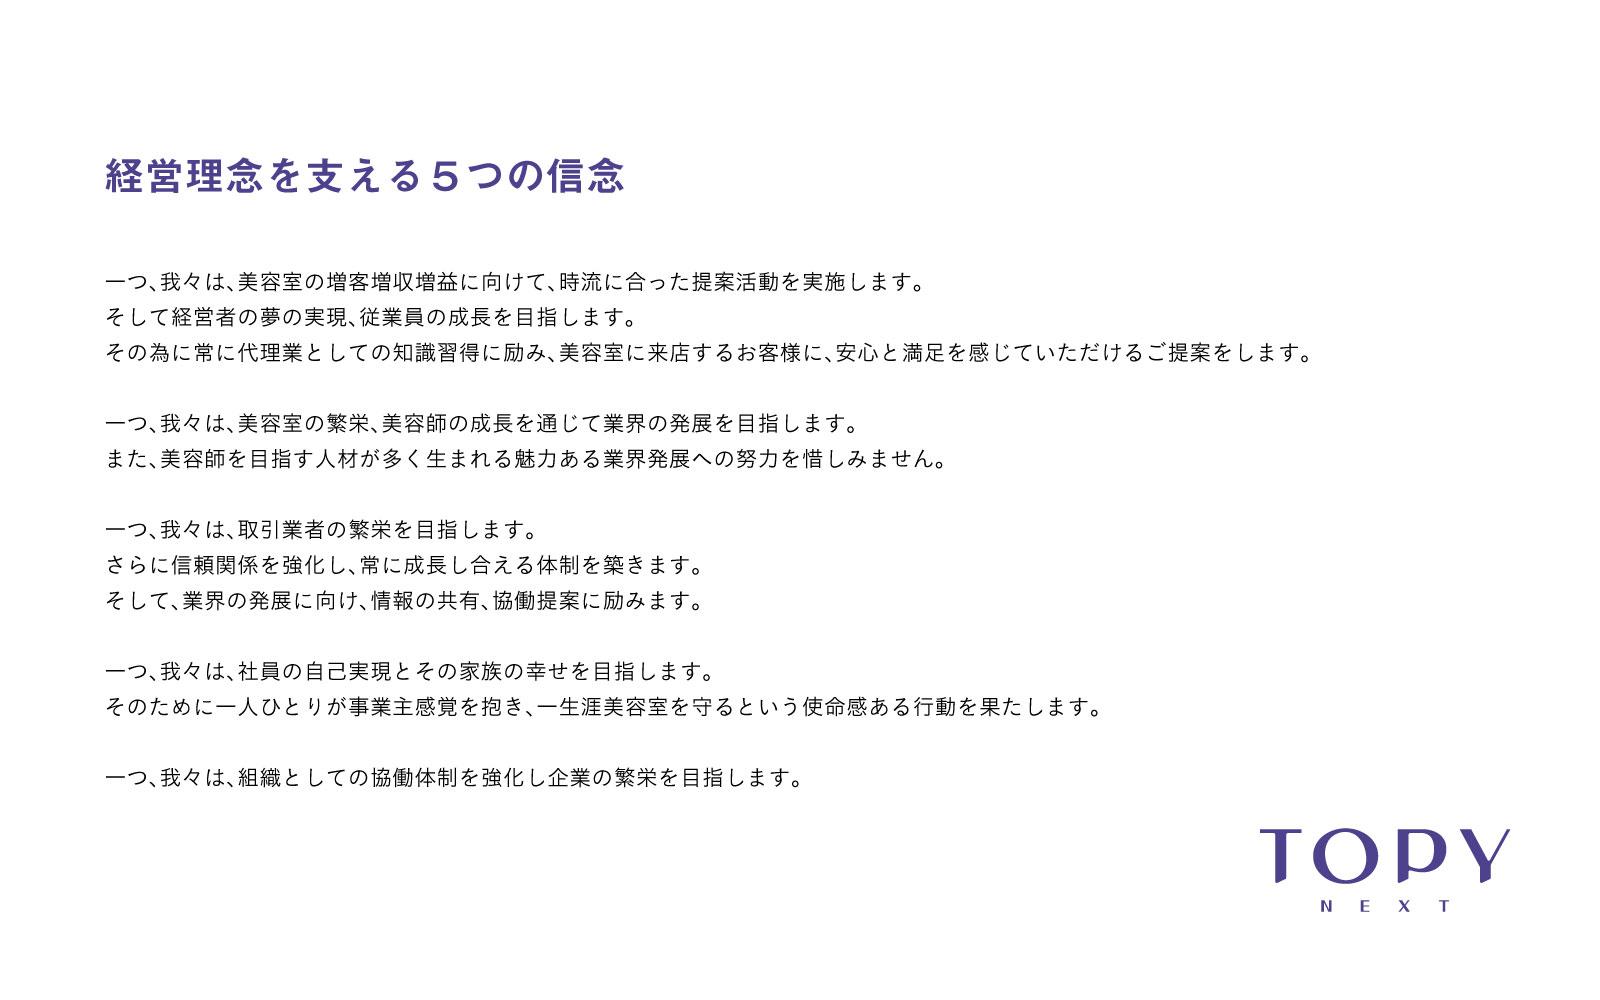 トピーネクスト経営理念image